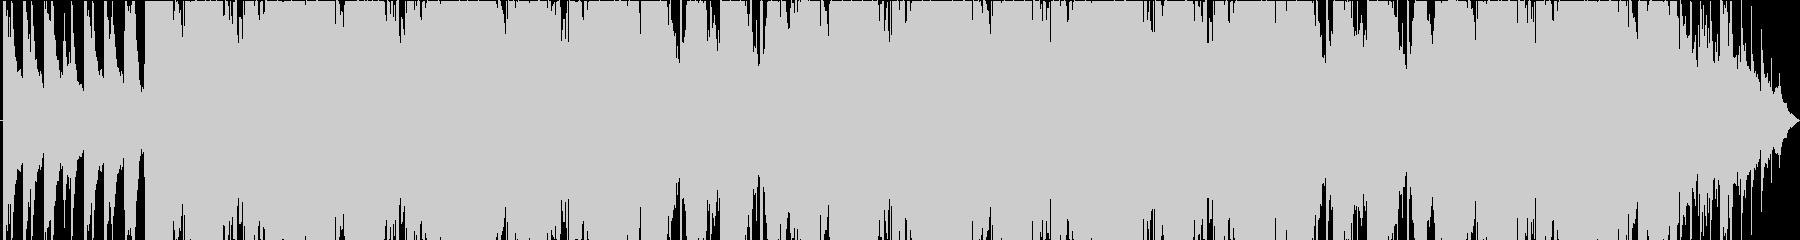 可愛いメロディのピアノBGMの未再生の波形